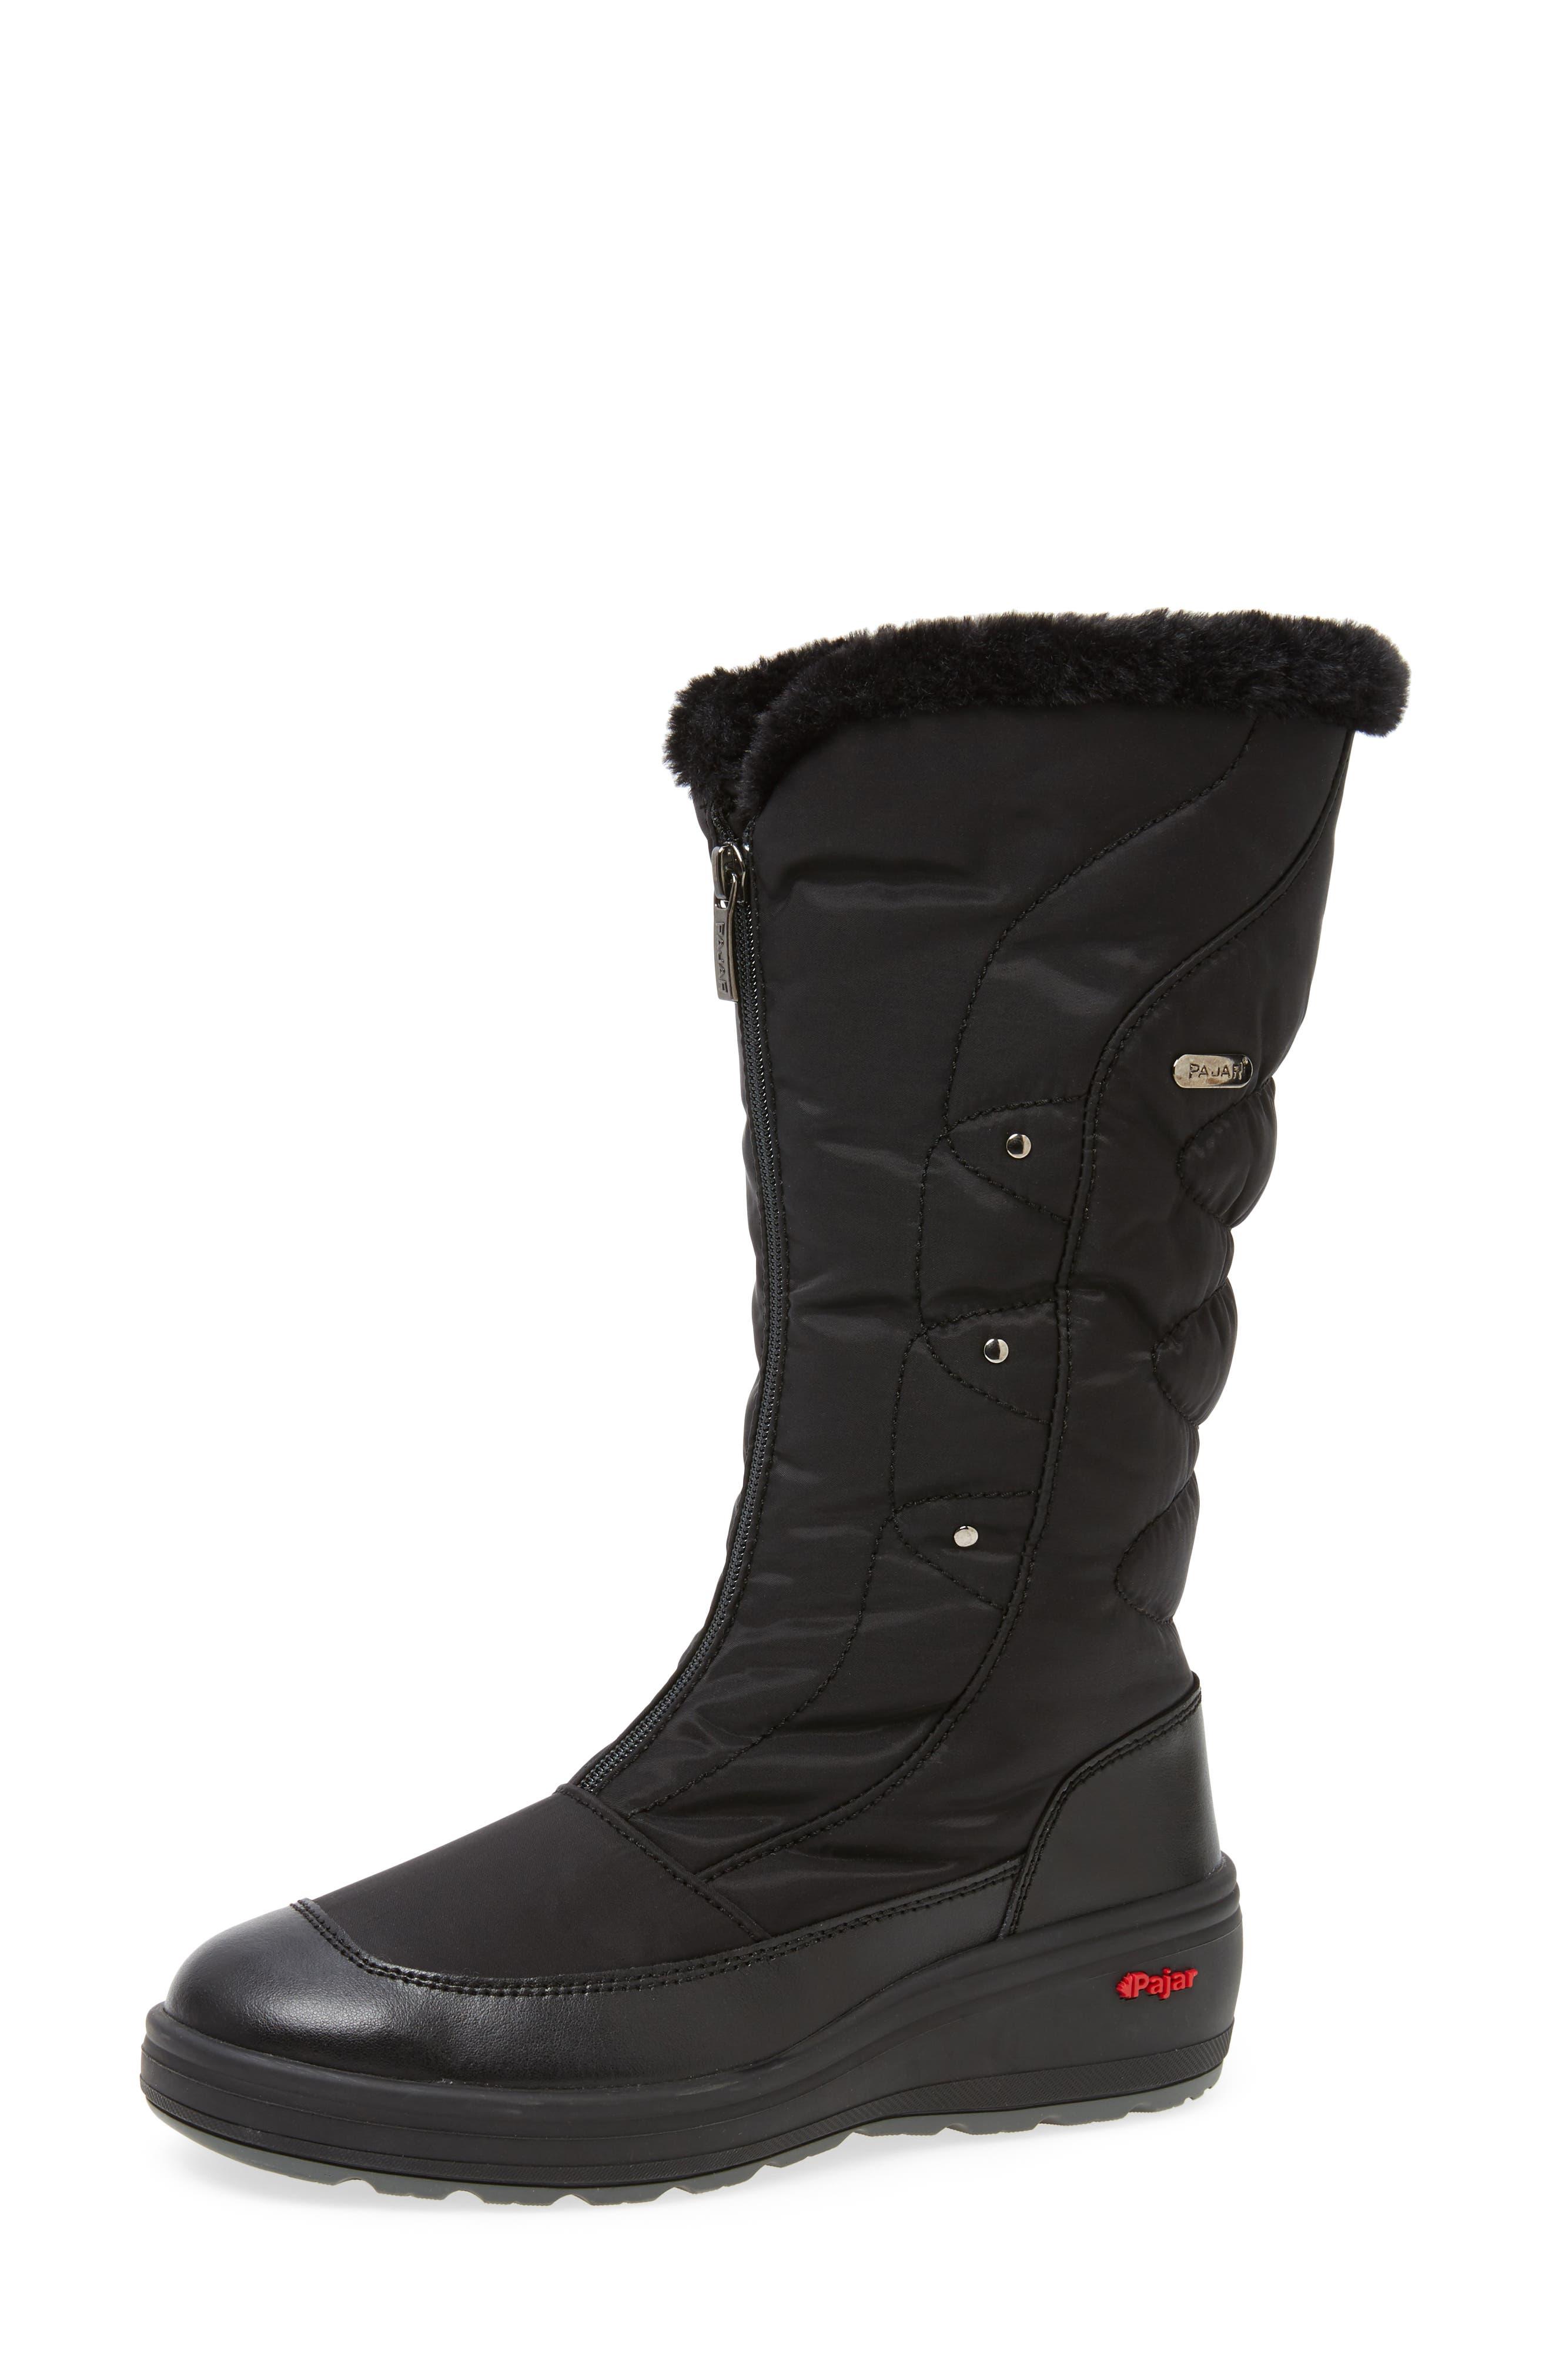 Pajar Women's Snowcap Waterproof Insulated Winter Boot 0IcmO